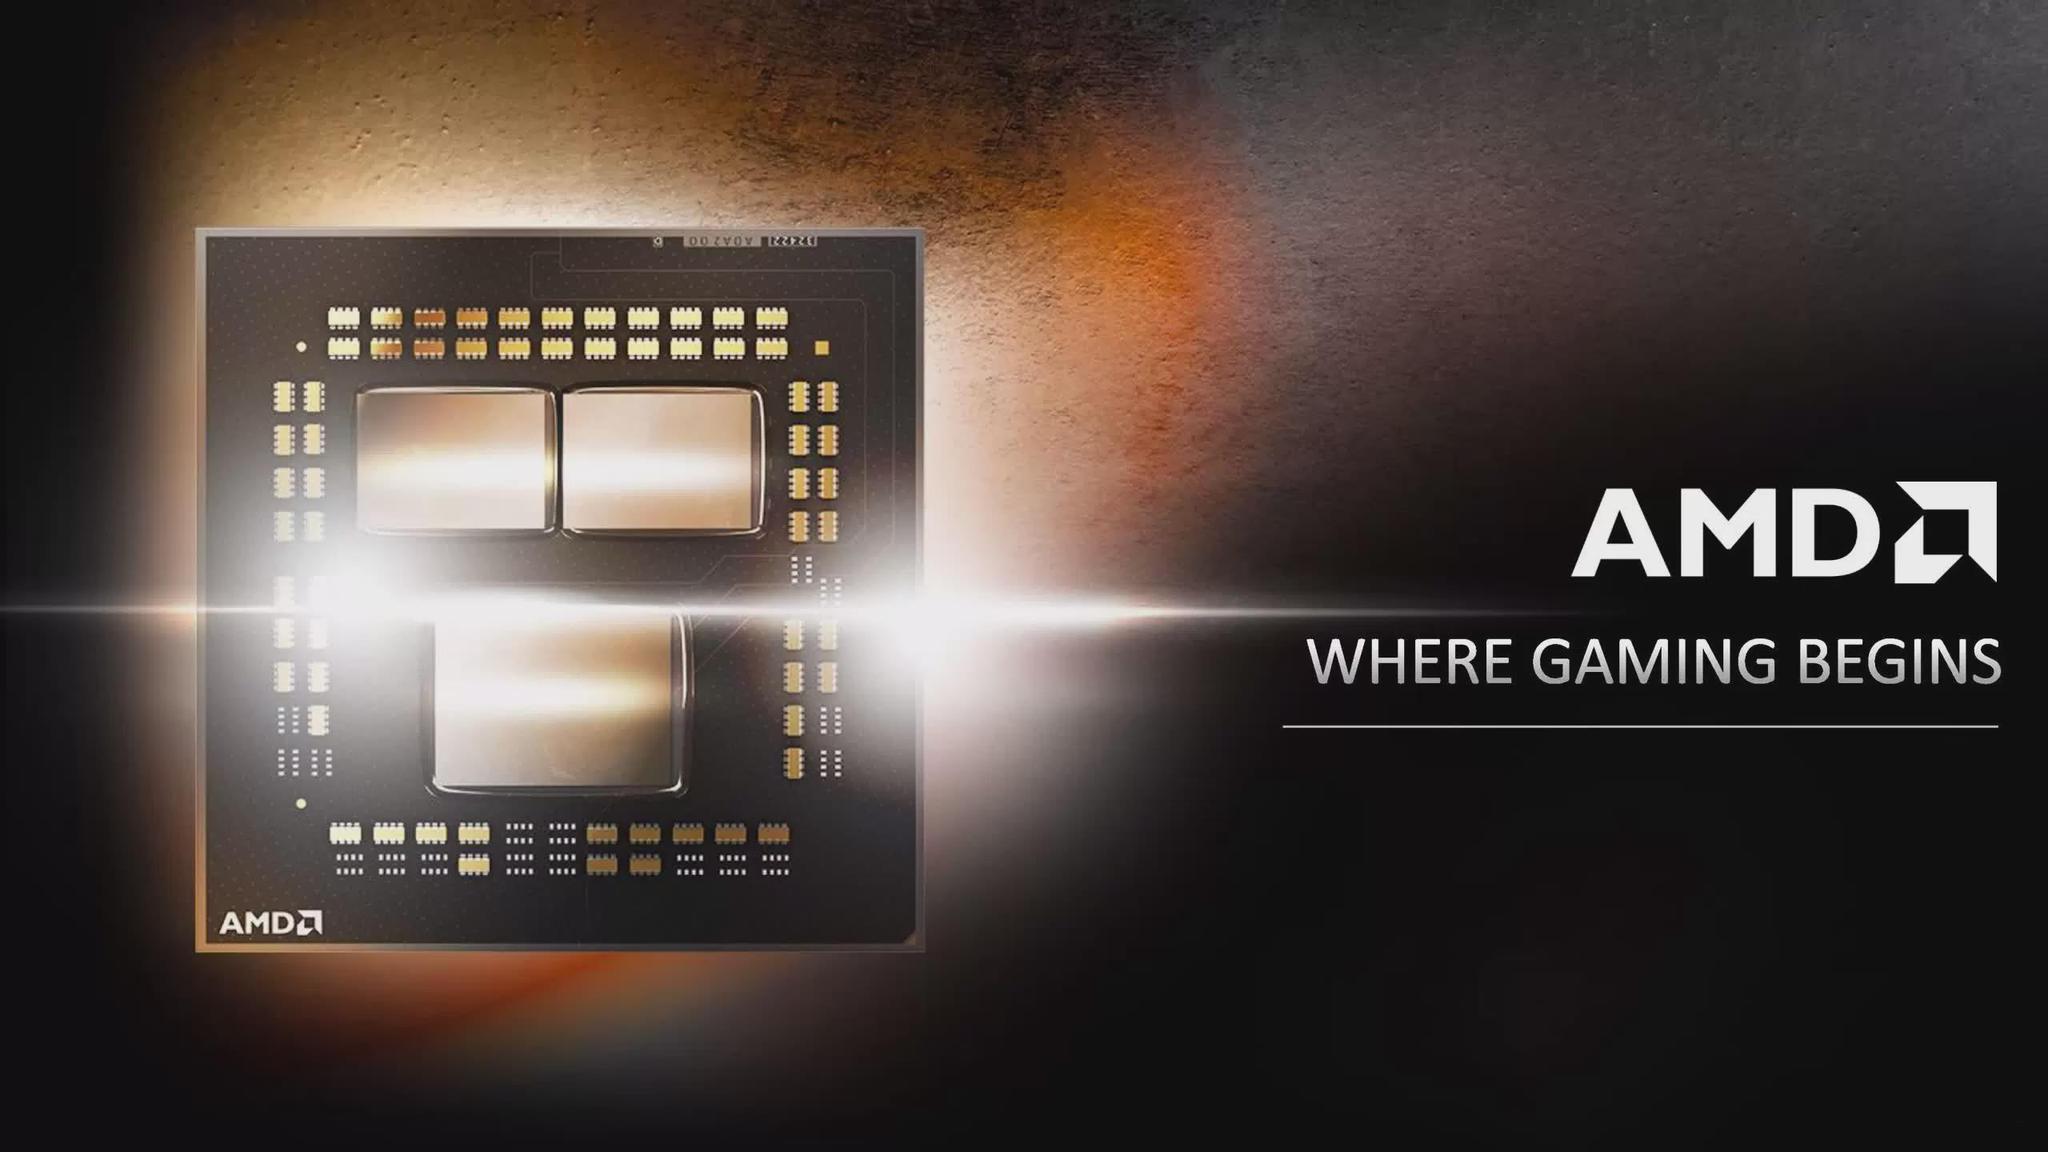 Ryzen 5 5600X基准测试结果曝光 性能超越英特尔酷睿i5-10600K